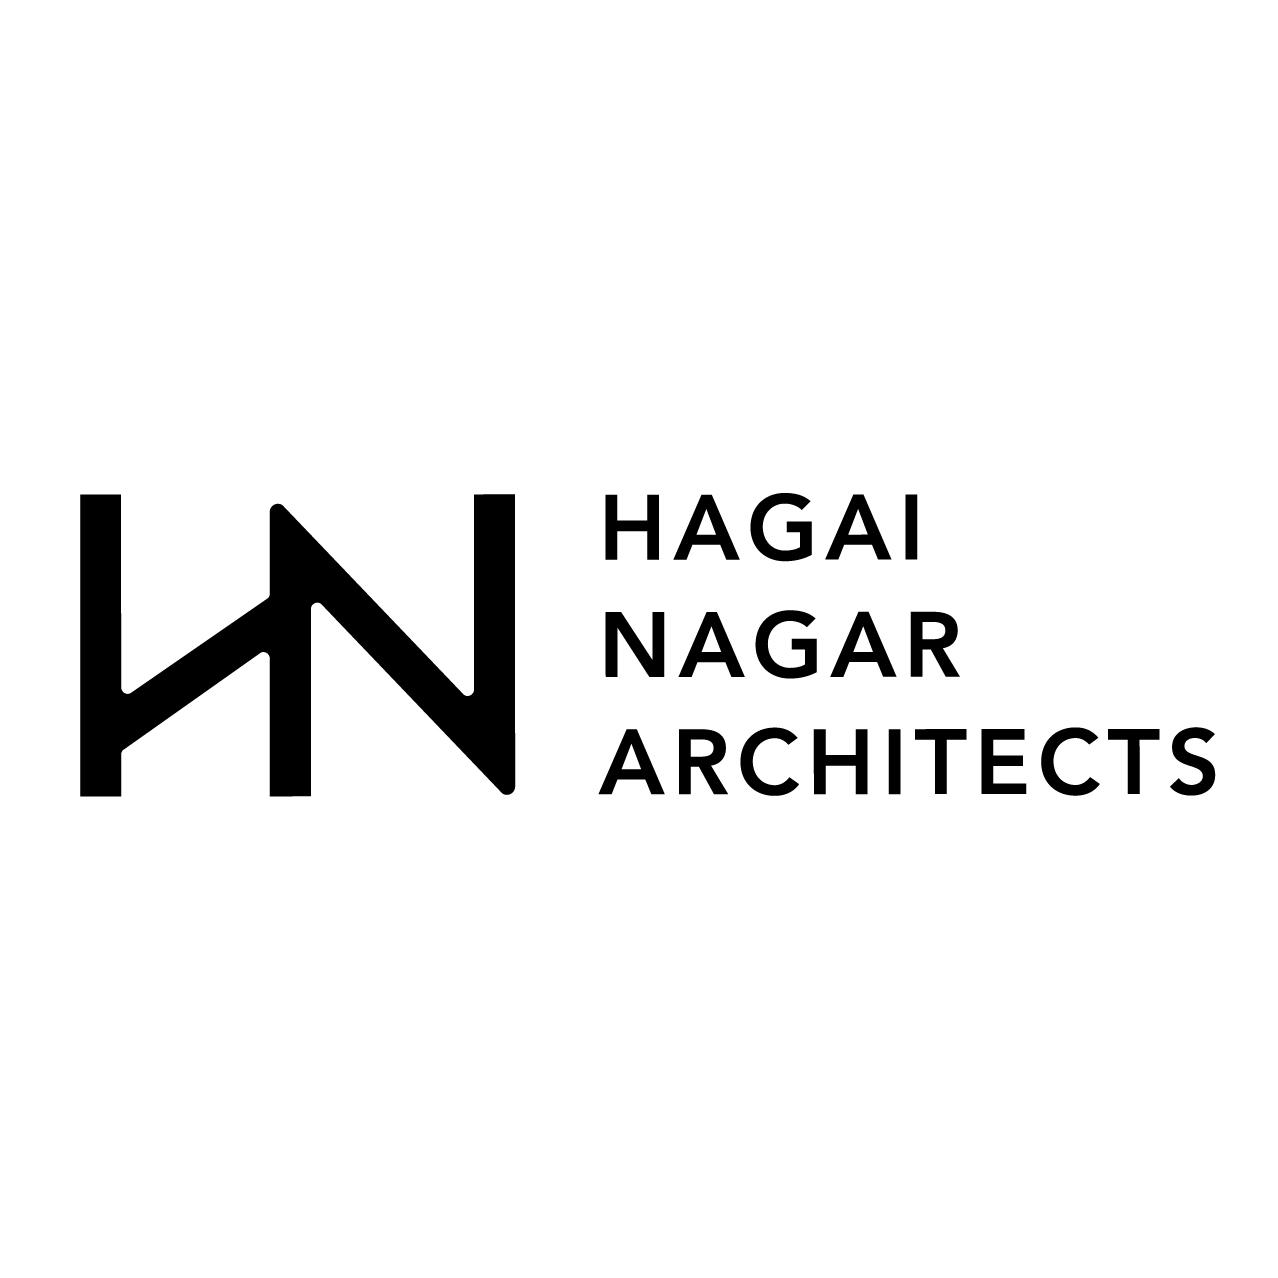 Hagai Nagar Architects